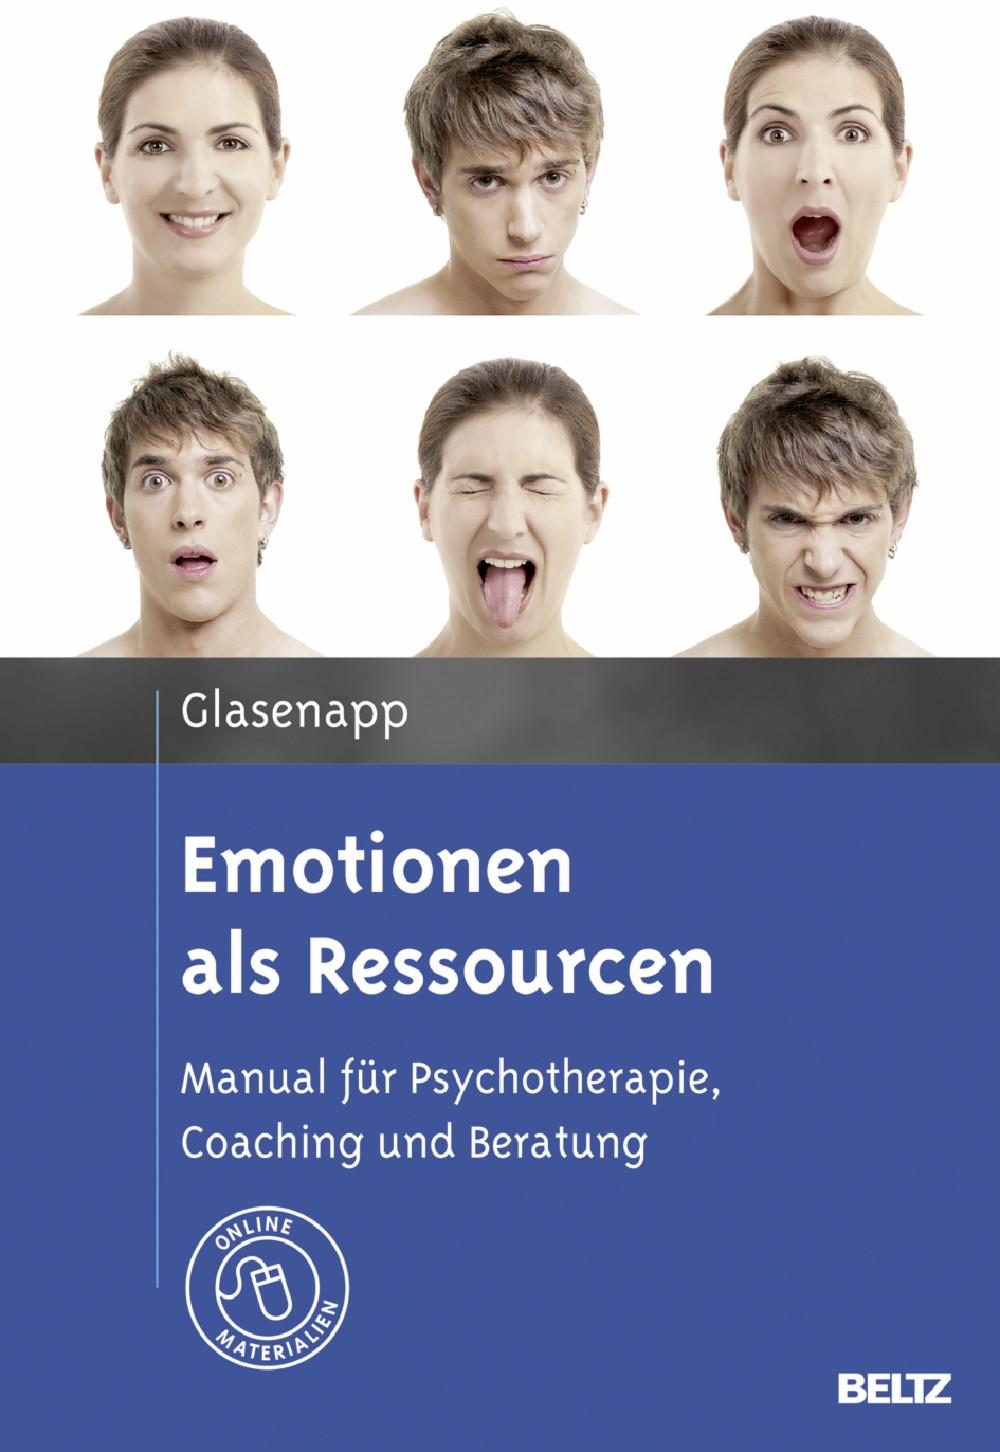 Emotionen als Ressourcen - Manual für Psychotherapie, Coaching und ...